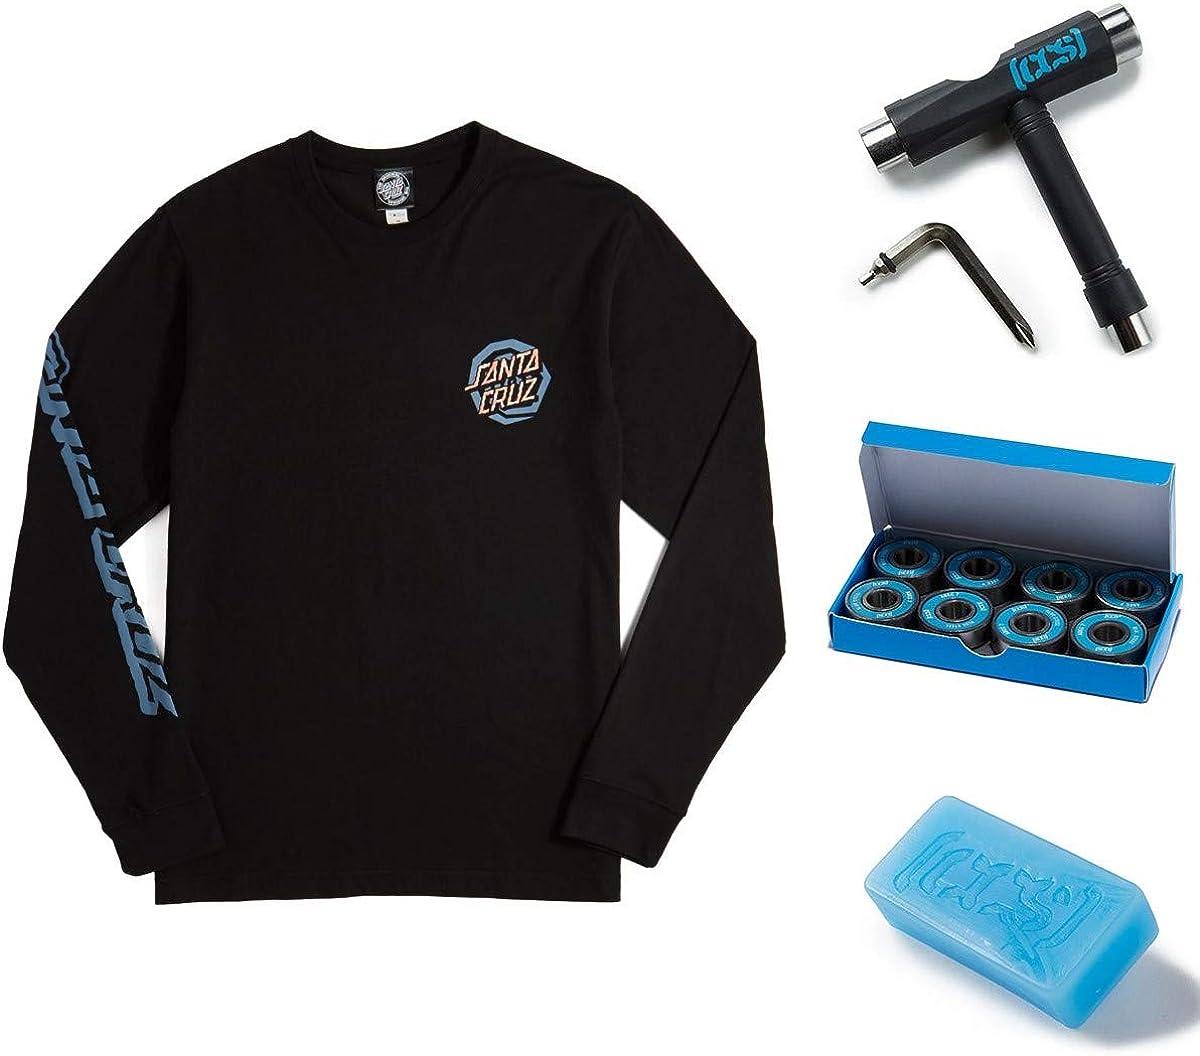 Bearings Santa Cruz Womens Illusion Dot Shirts,Small,Black SM with CCS Skate Tool and Wax